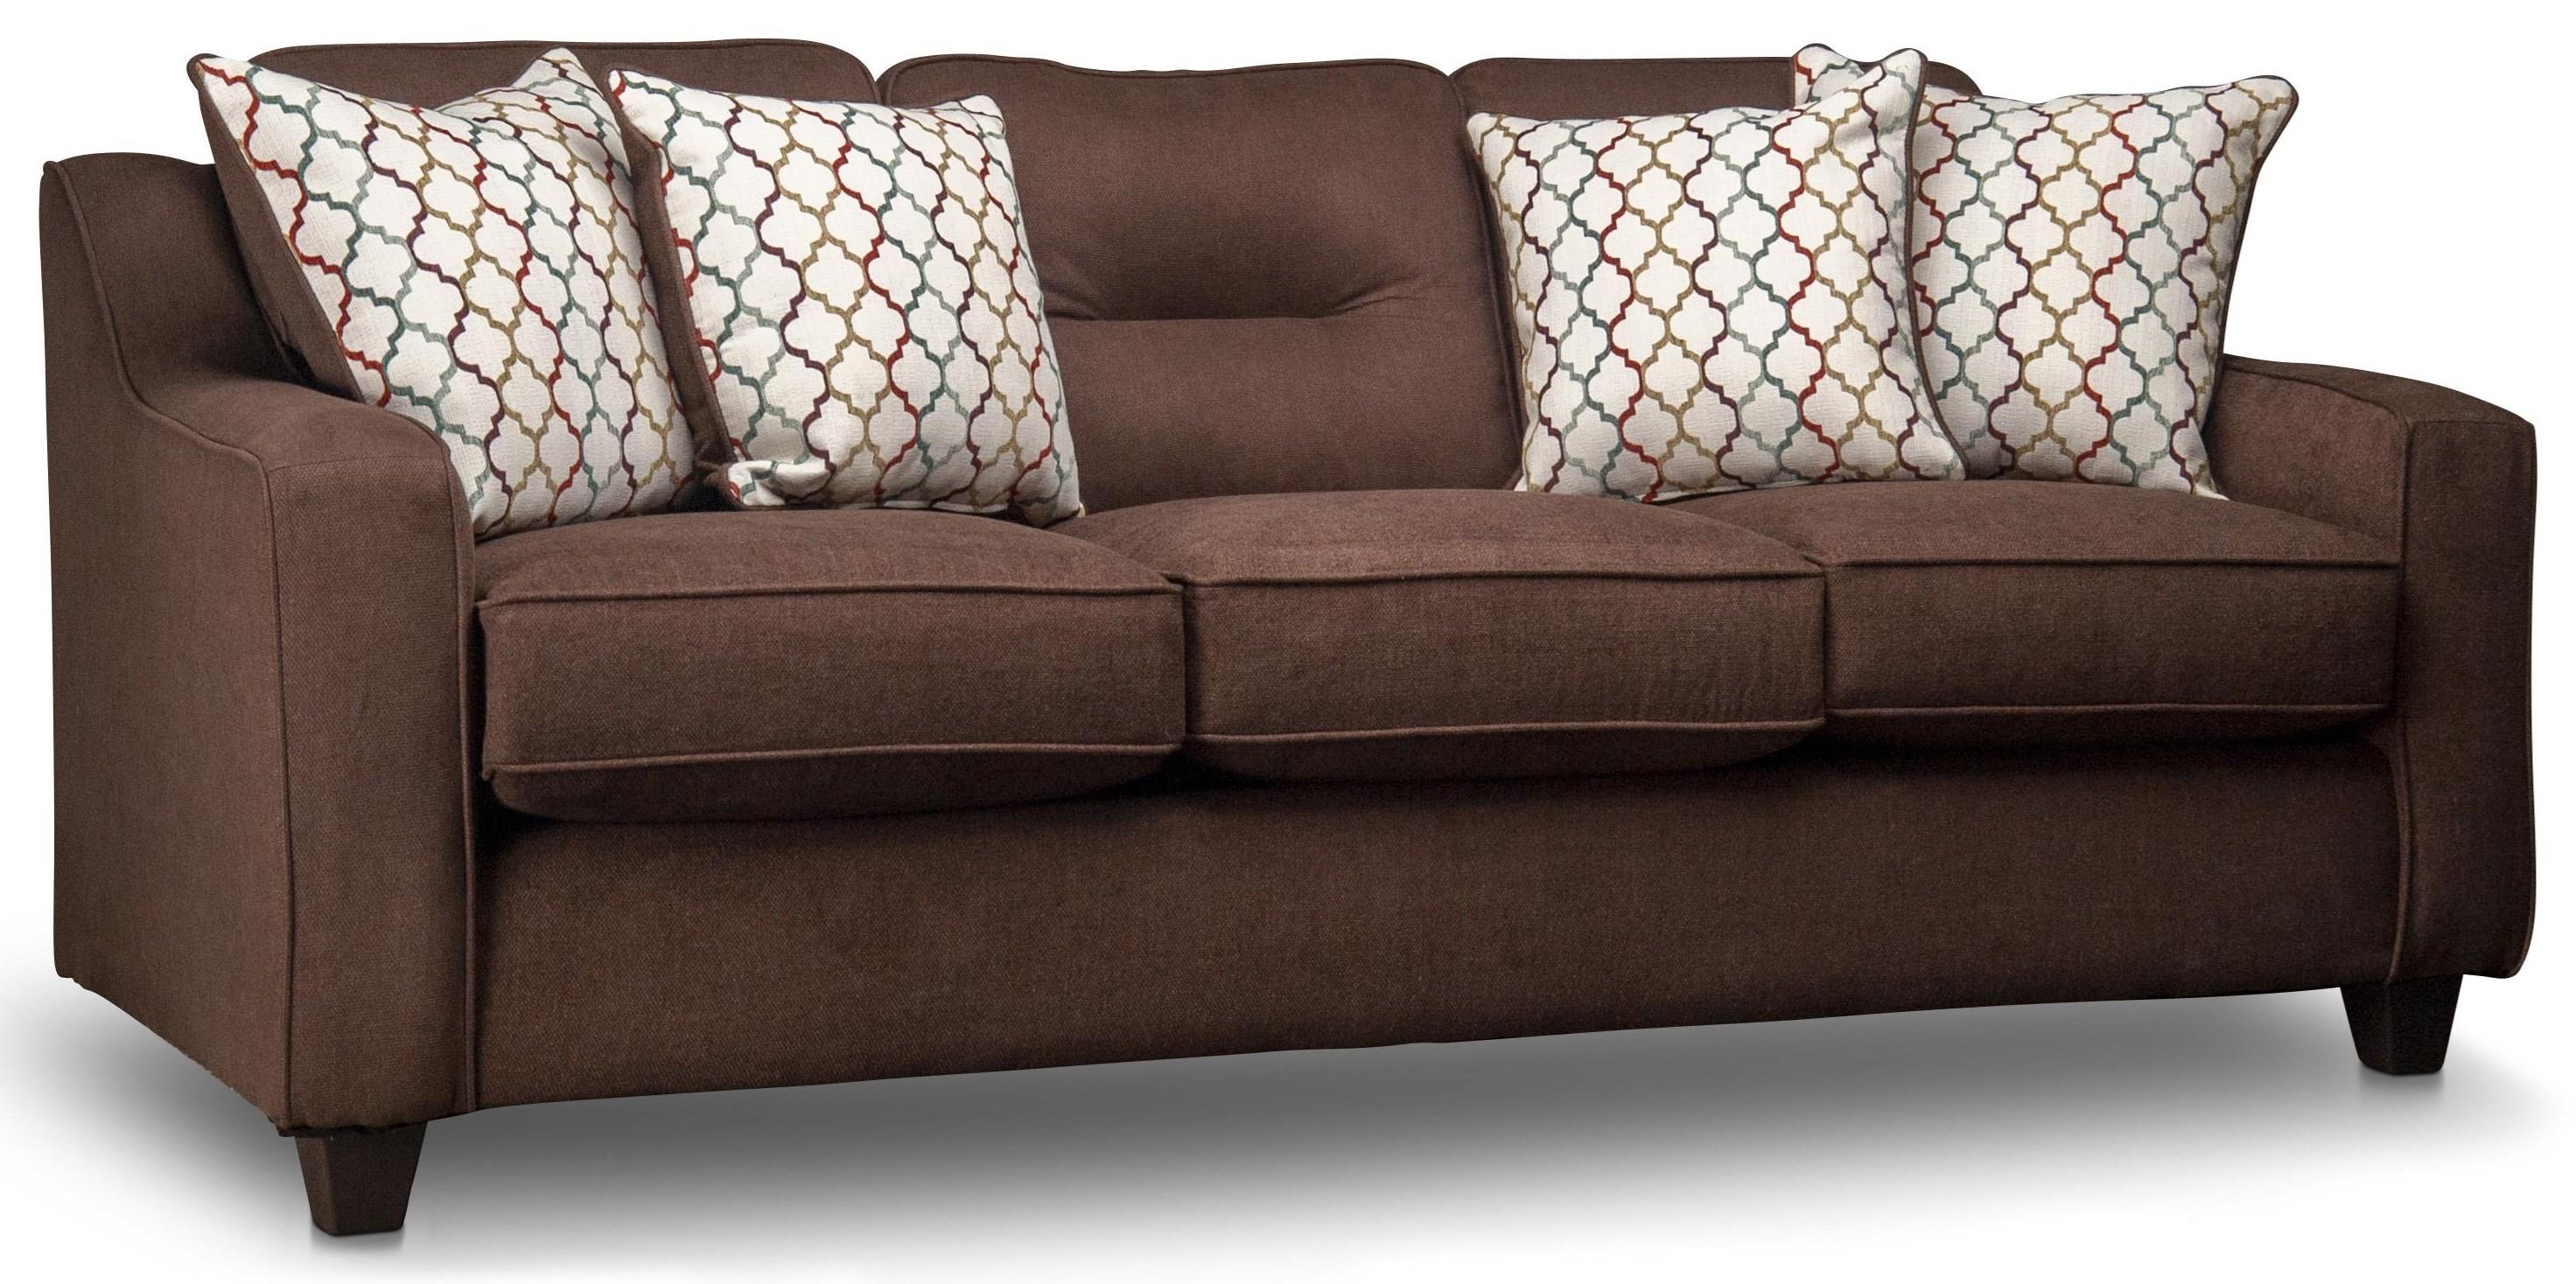 Crispin Crispin Sofa by Peak Living at Morris Home